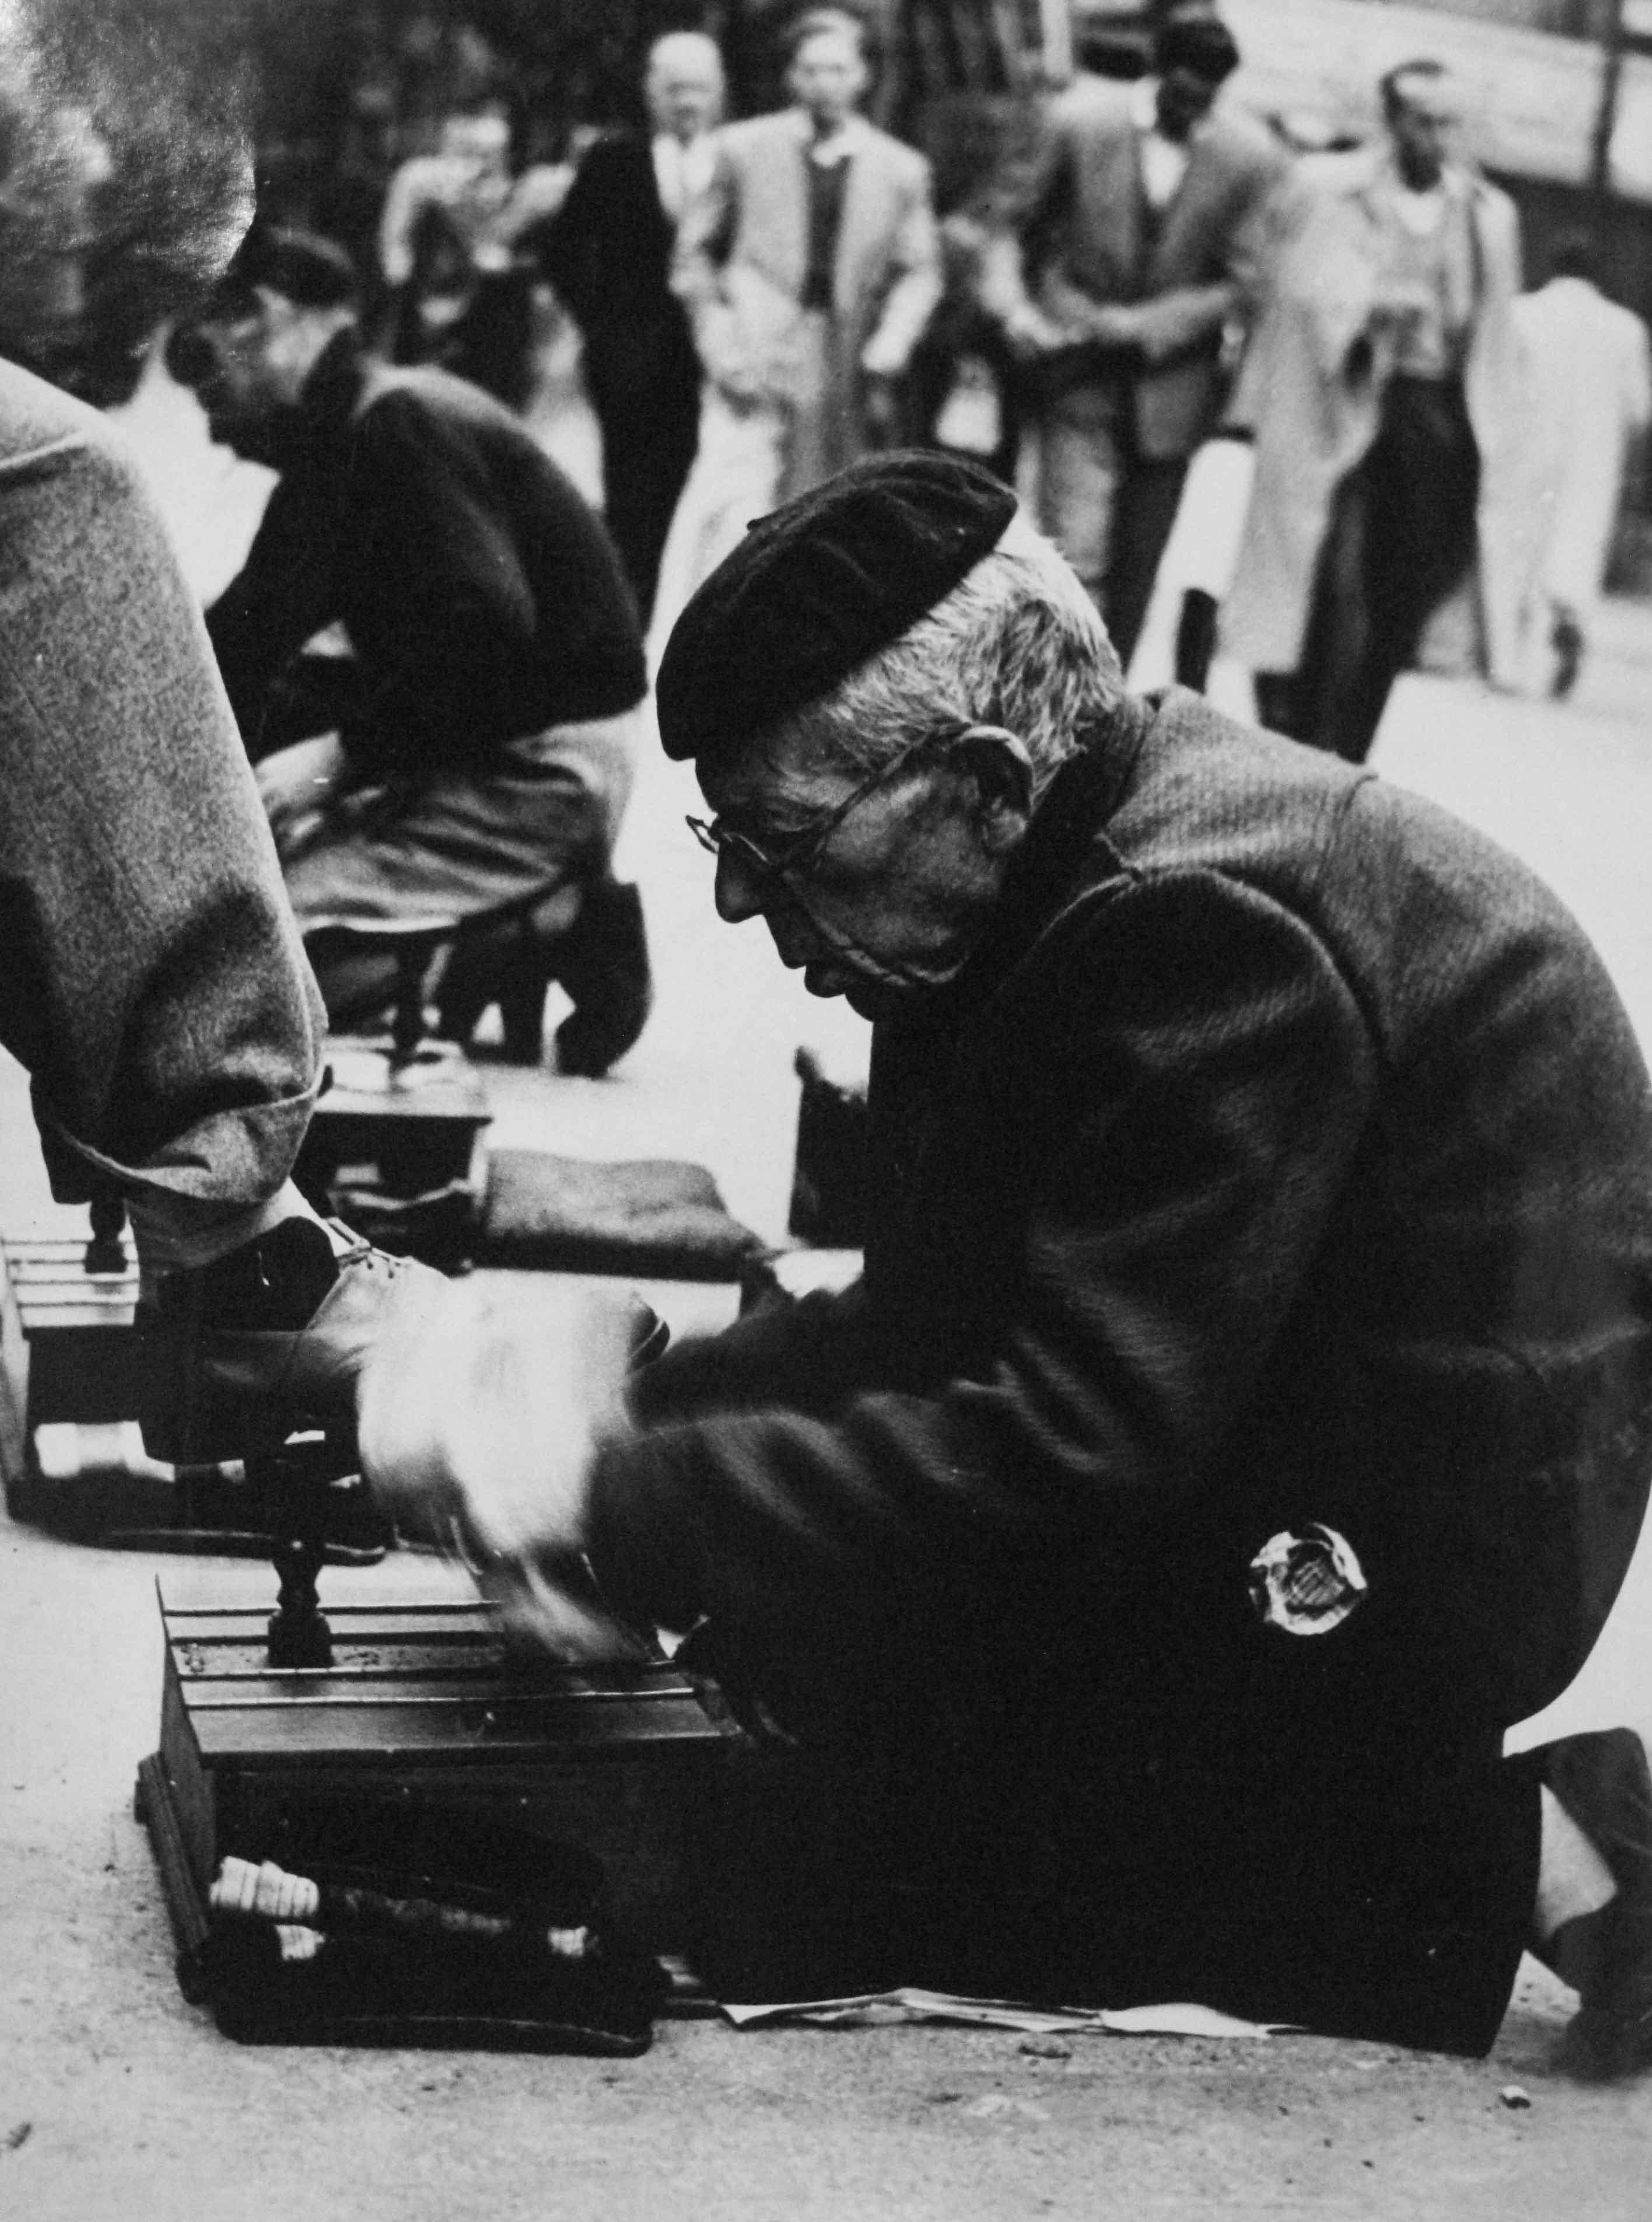 Las Ramblas. Barcelona, 1955<br/>Gelatina de plata / Silver gelatin